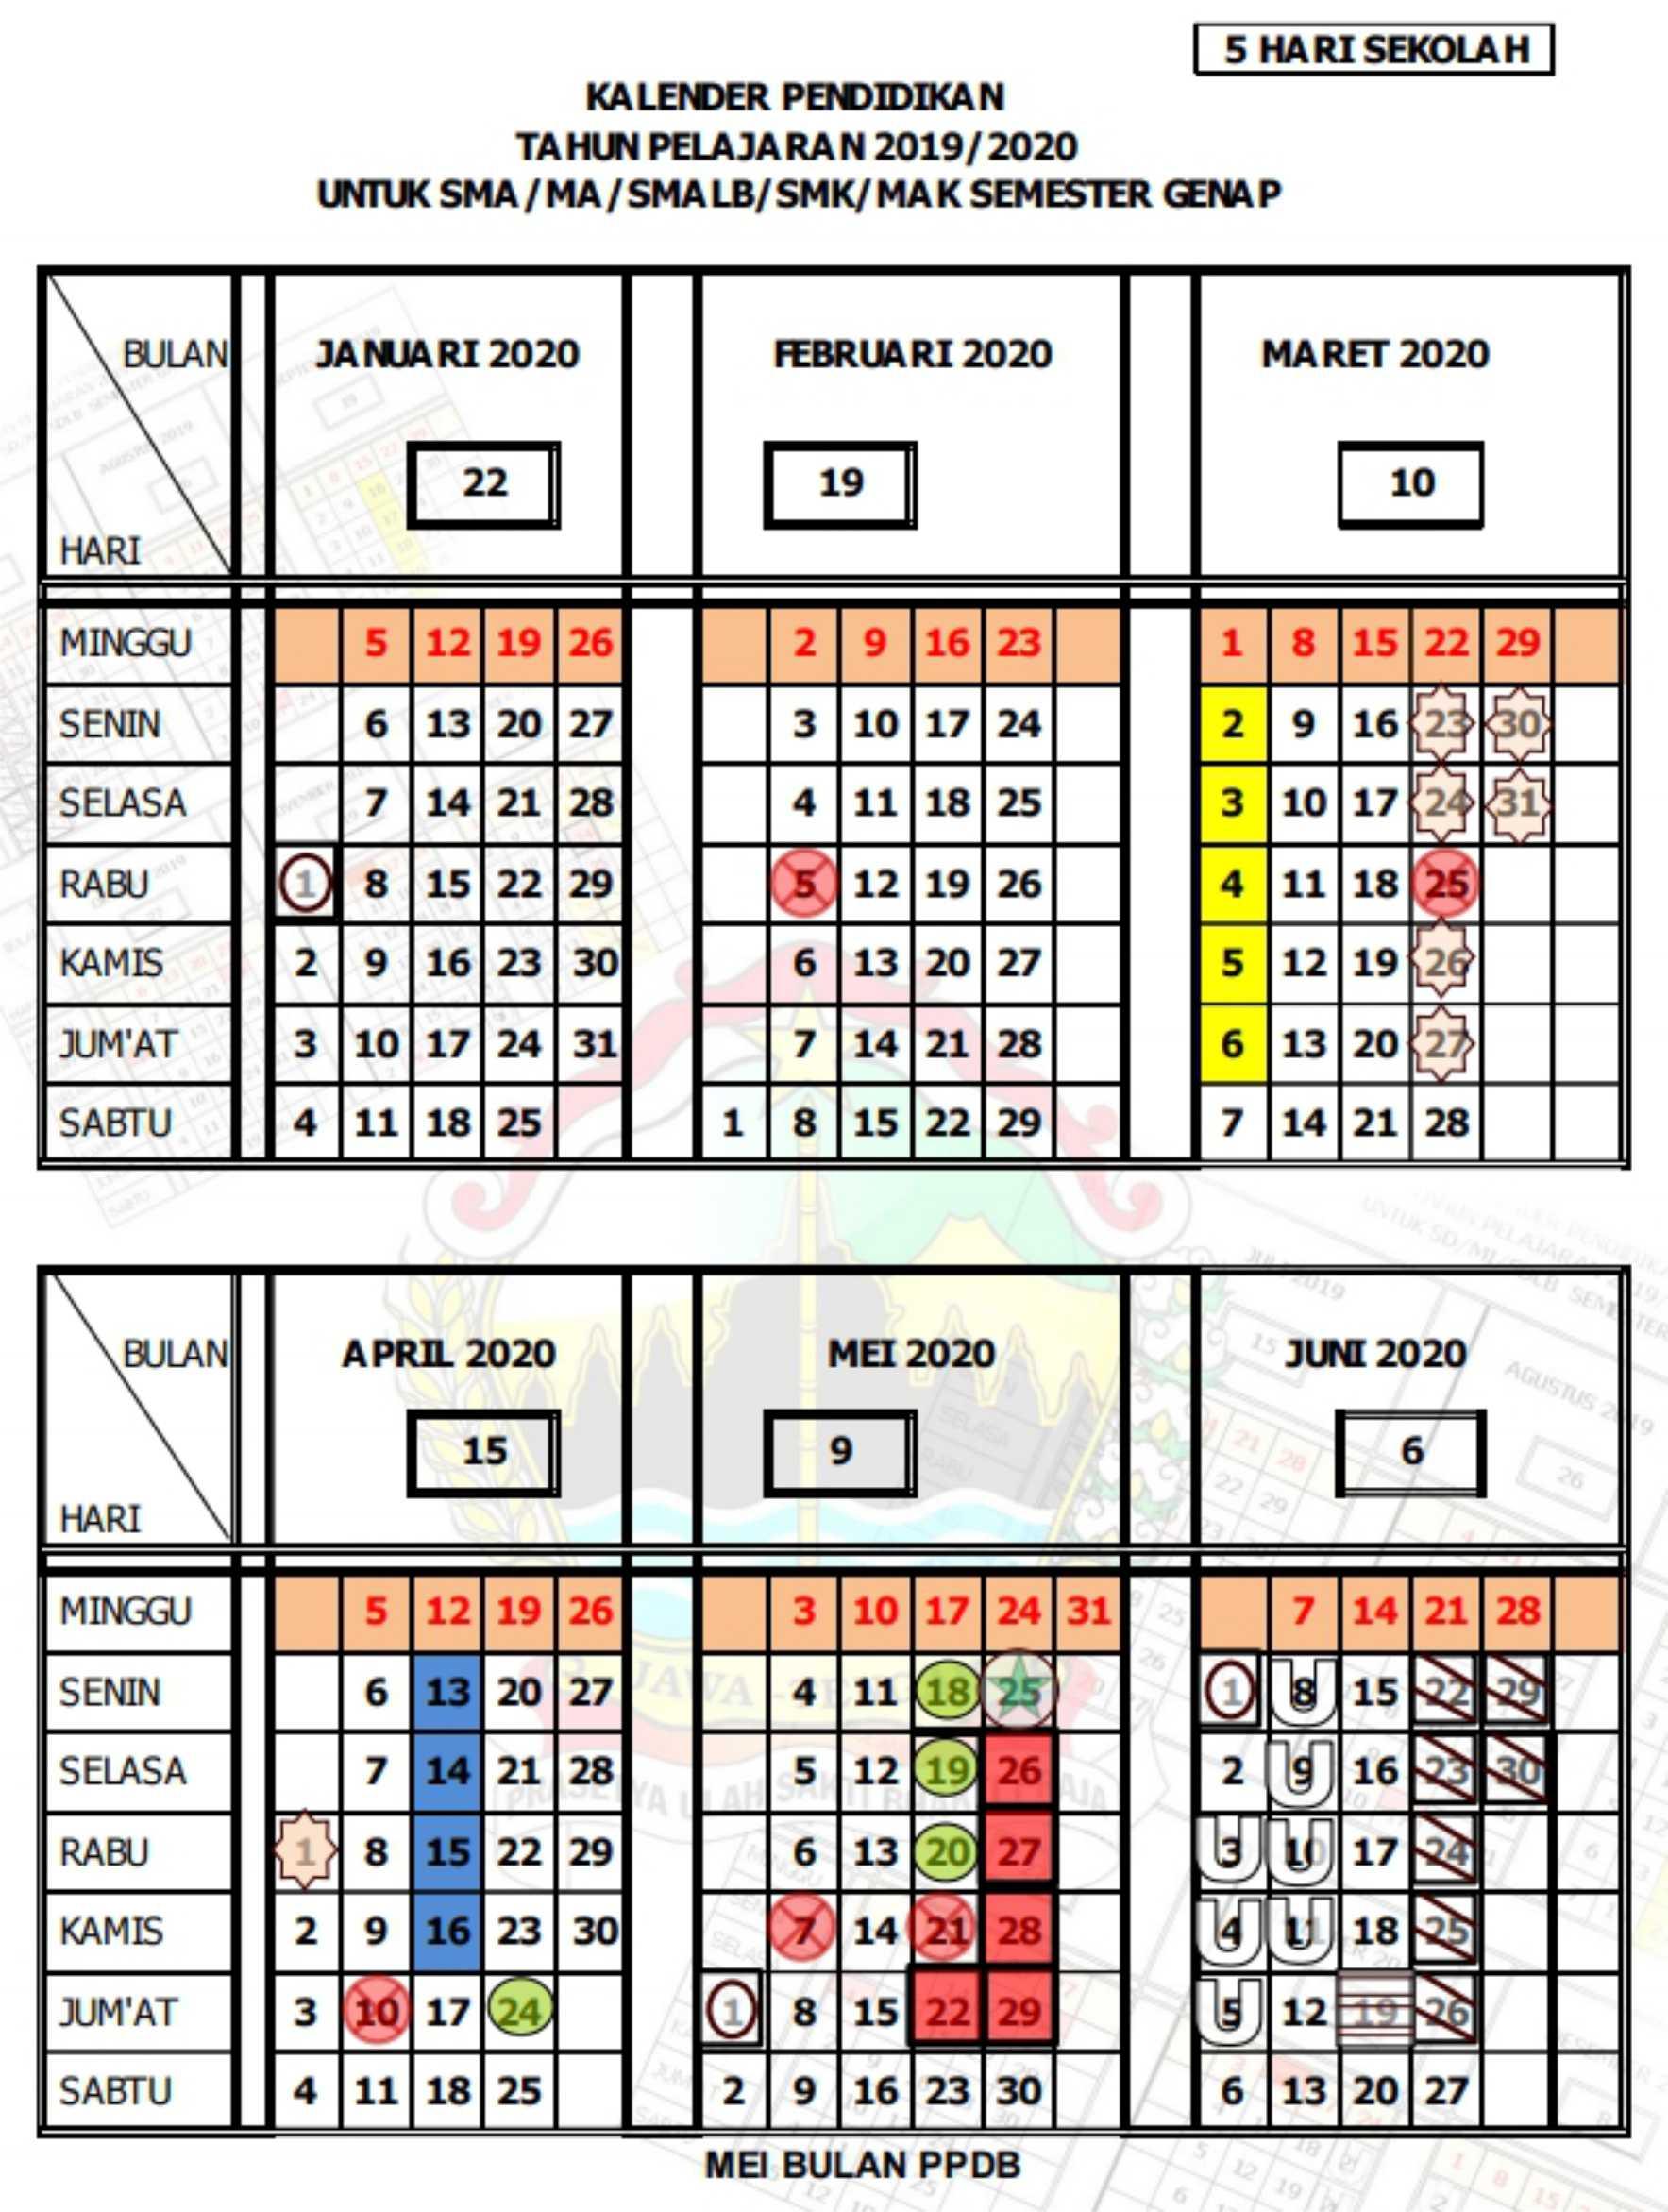 kalender pendidikan tahun pelajaran 2019 - 2020 semester genap SMA MA SMALB SMK MAK (5 hari sekolah) provinsi jawa tengah